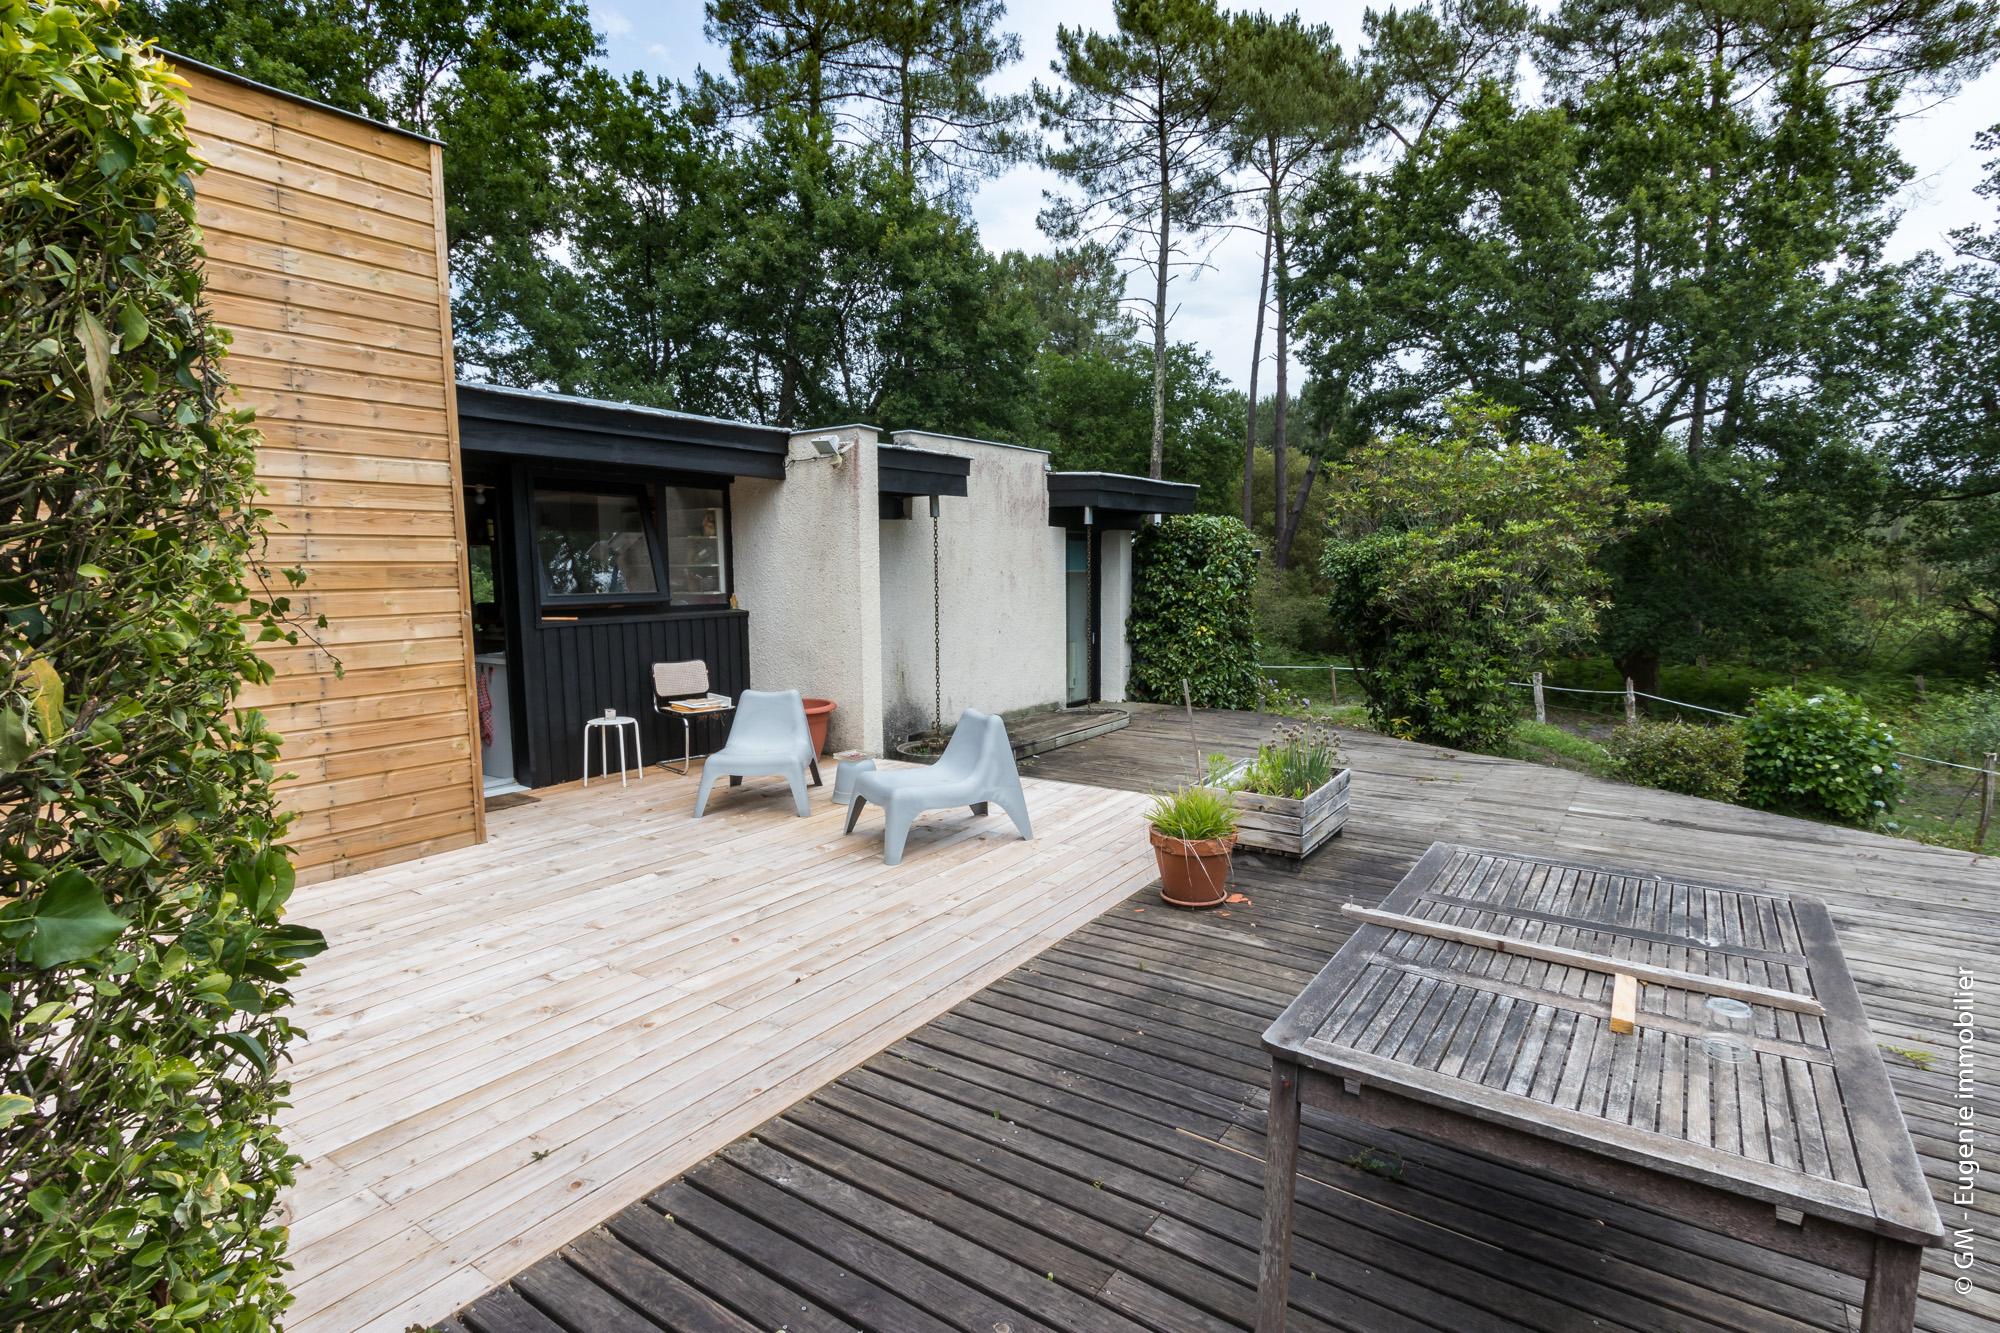 Maison Atypique d'Architecte 150m² T6 au Calme